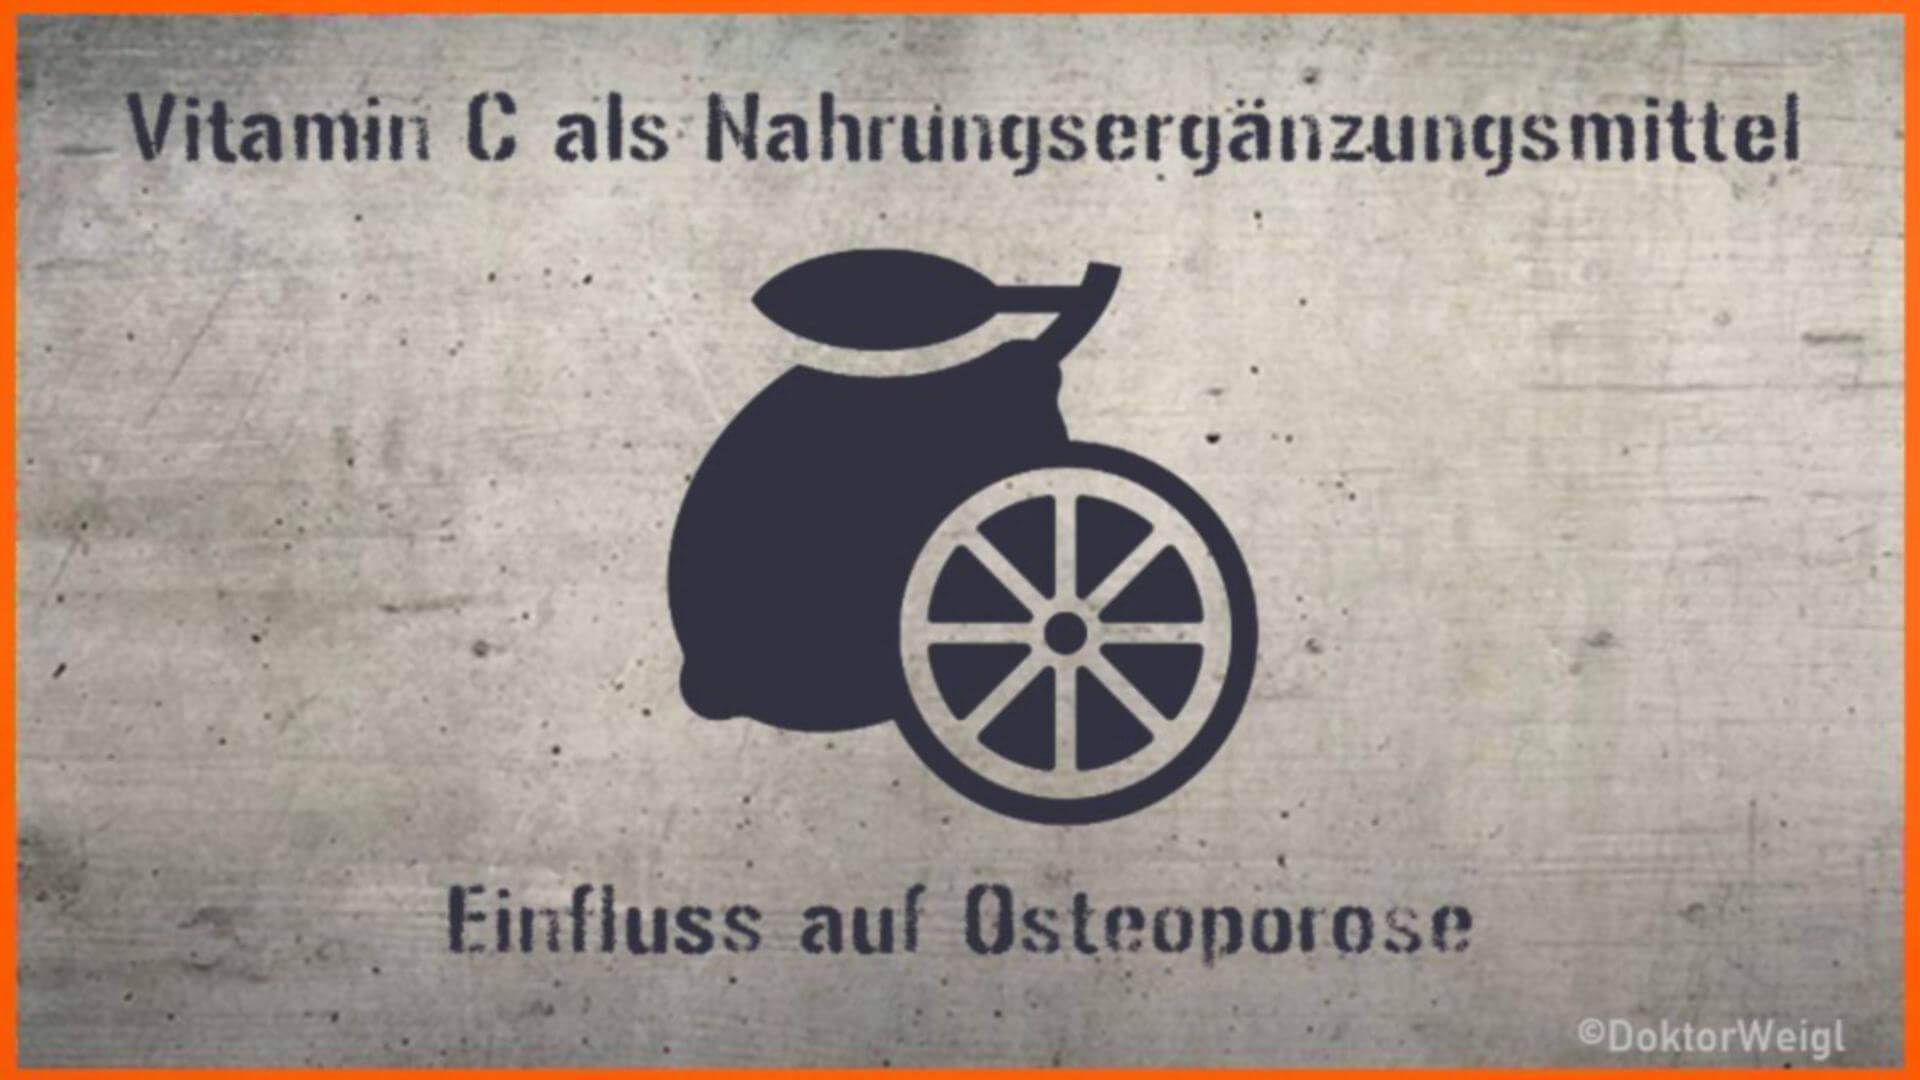 Der Klassiker: Vitamin C gegen Osteoporose – eine Analyse